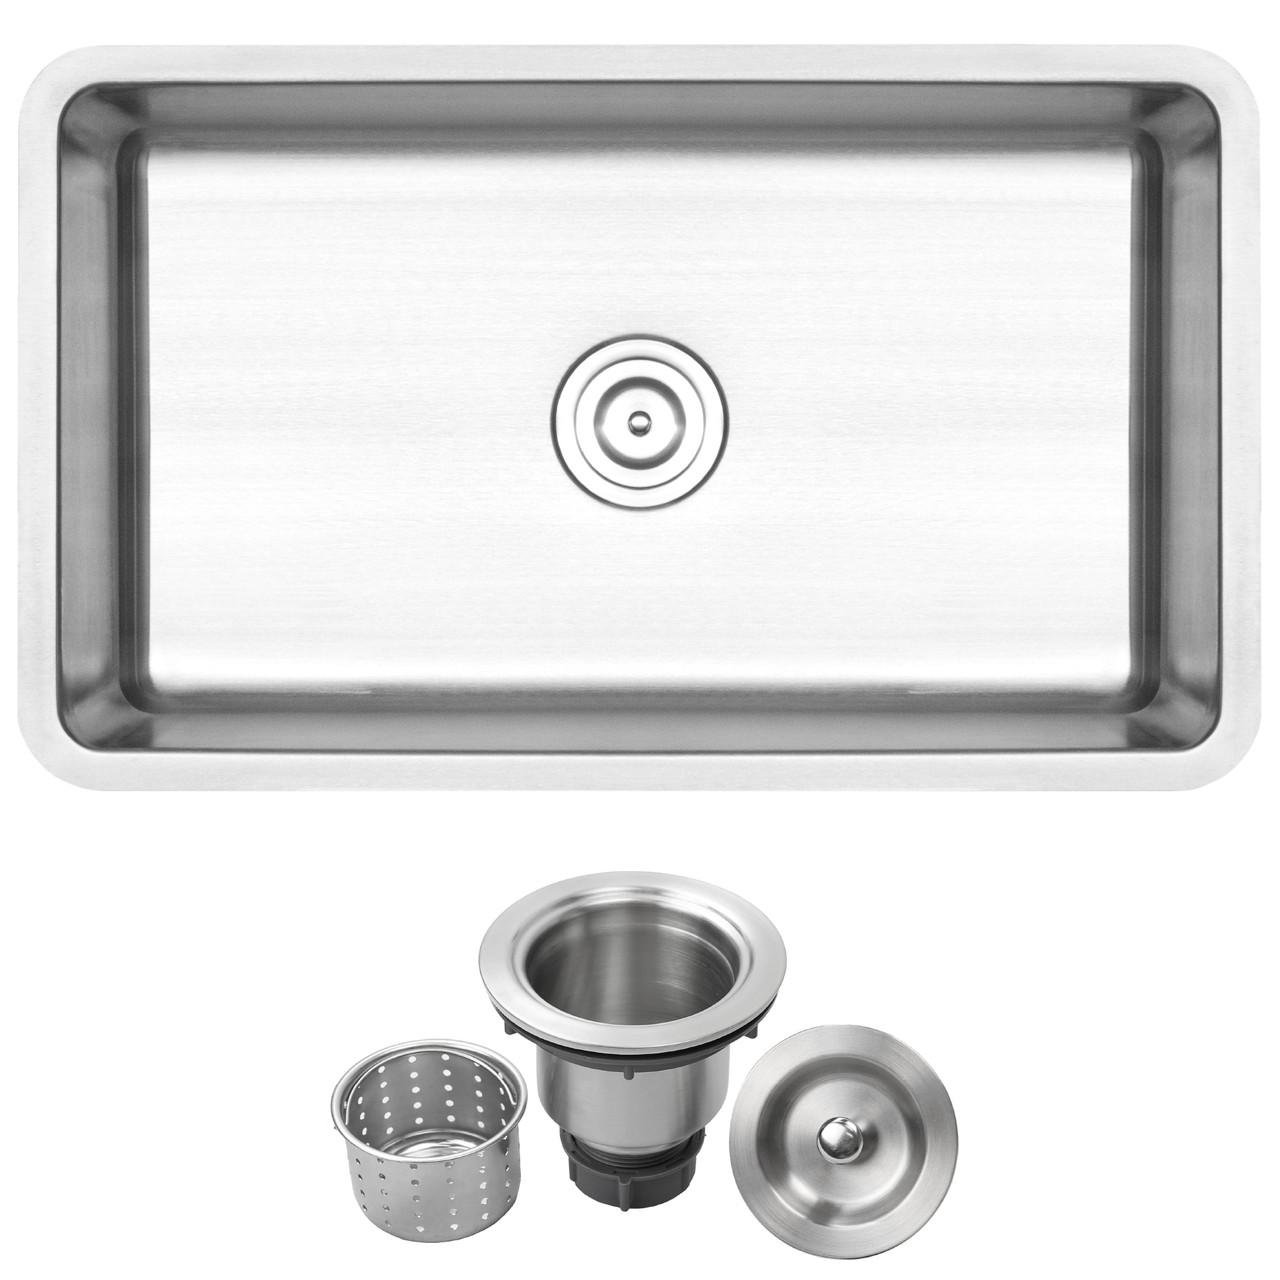 30 Ticor Sr24 18 Gauge Stainless Steel Undermount Single Basin Kitchen Sink Ticor